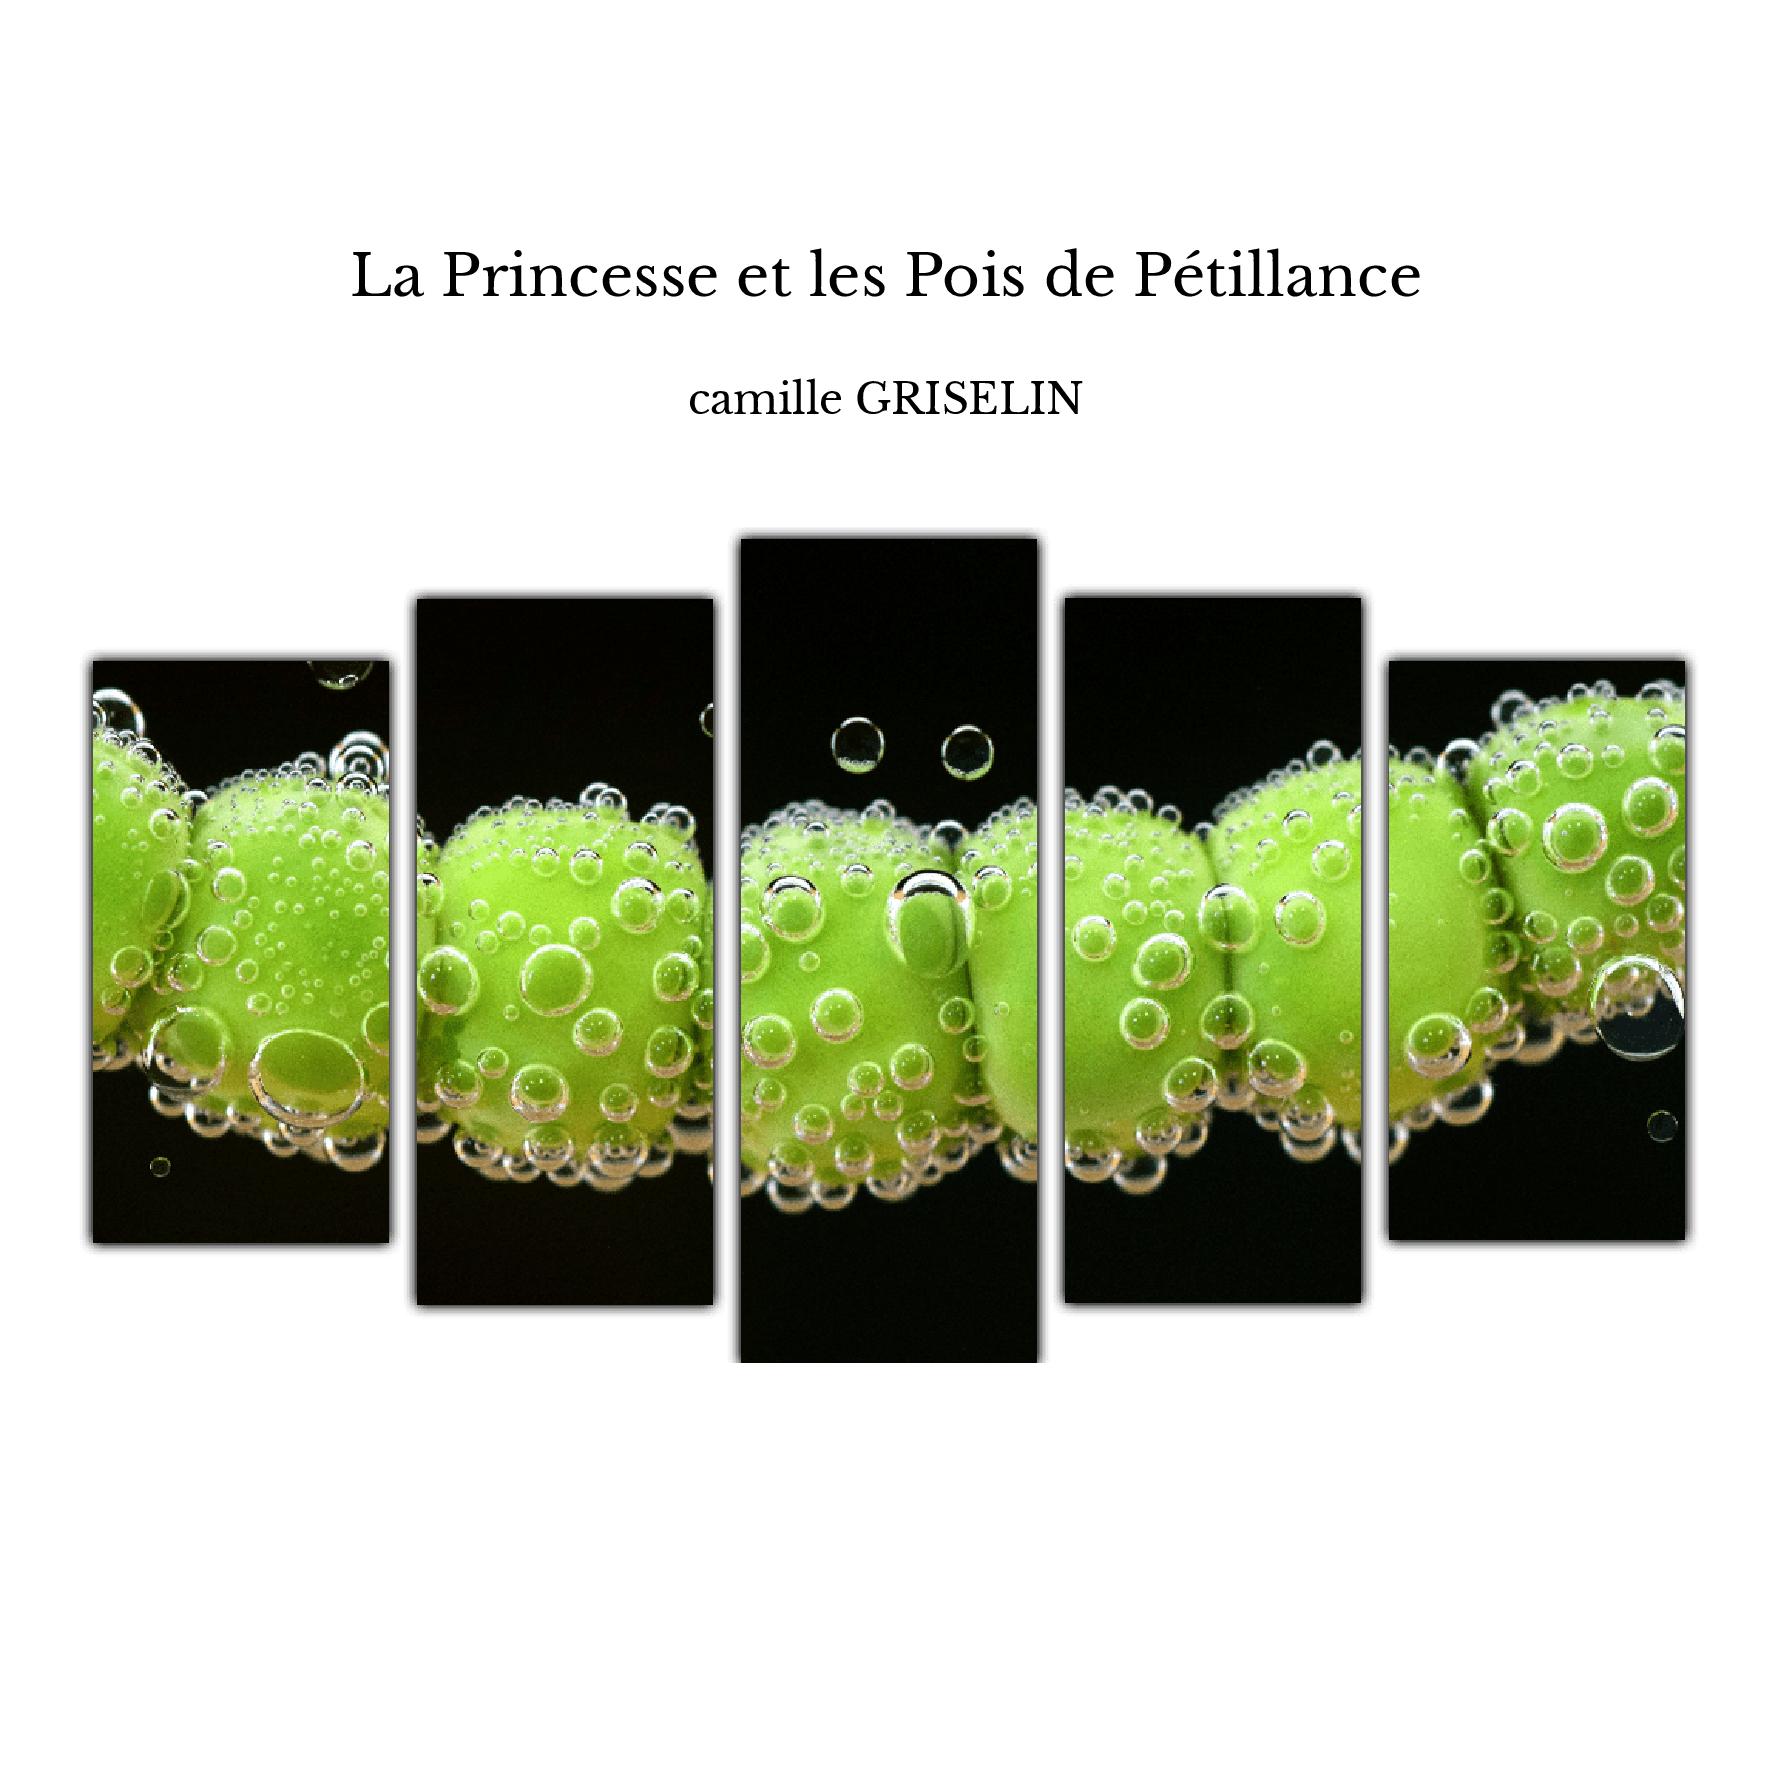 La Princesse et les Pois de Pétillance